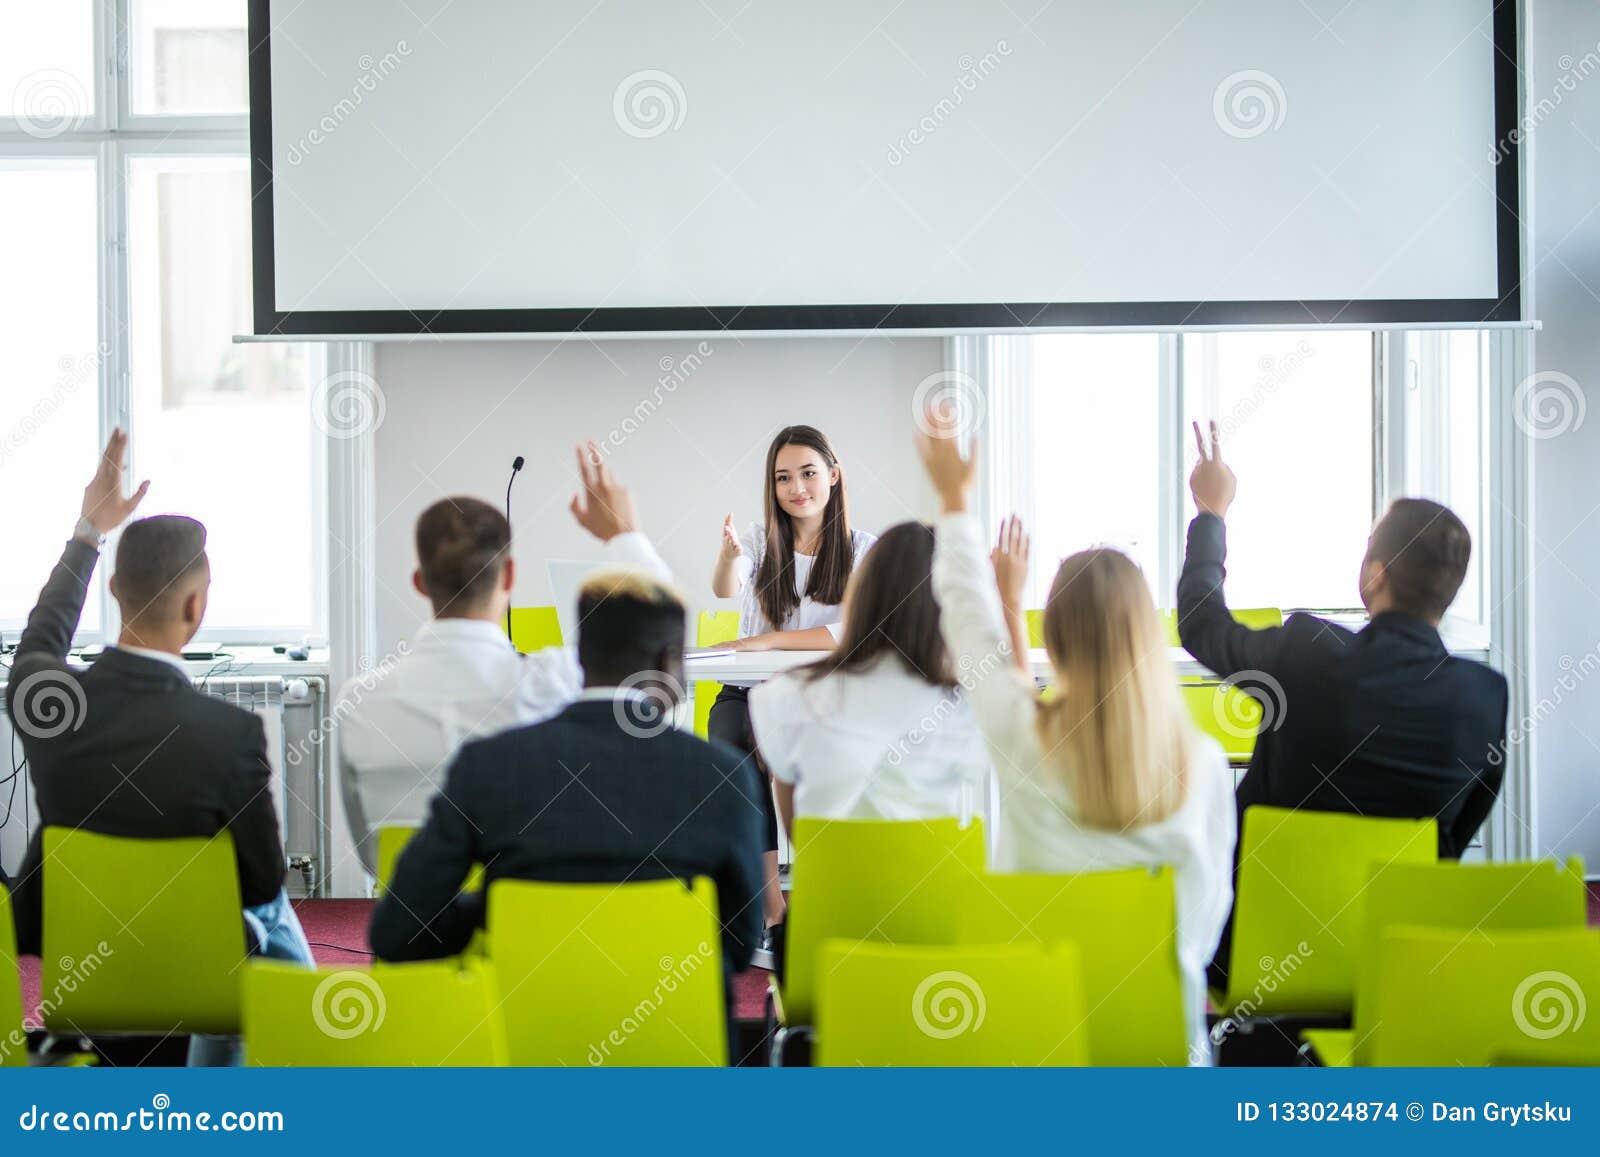 Młody przypadkowy Azjatycki bizneswomanu lider robi prezentacji i pyta dla opinii w spotkaniu biznes przewodniczy konferencyjnego